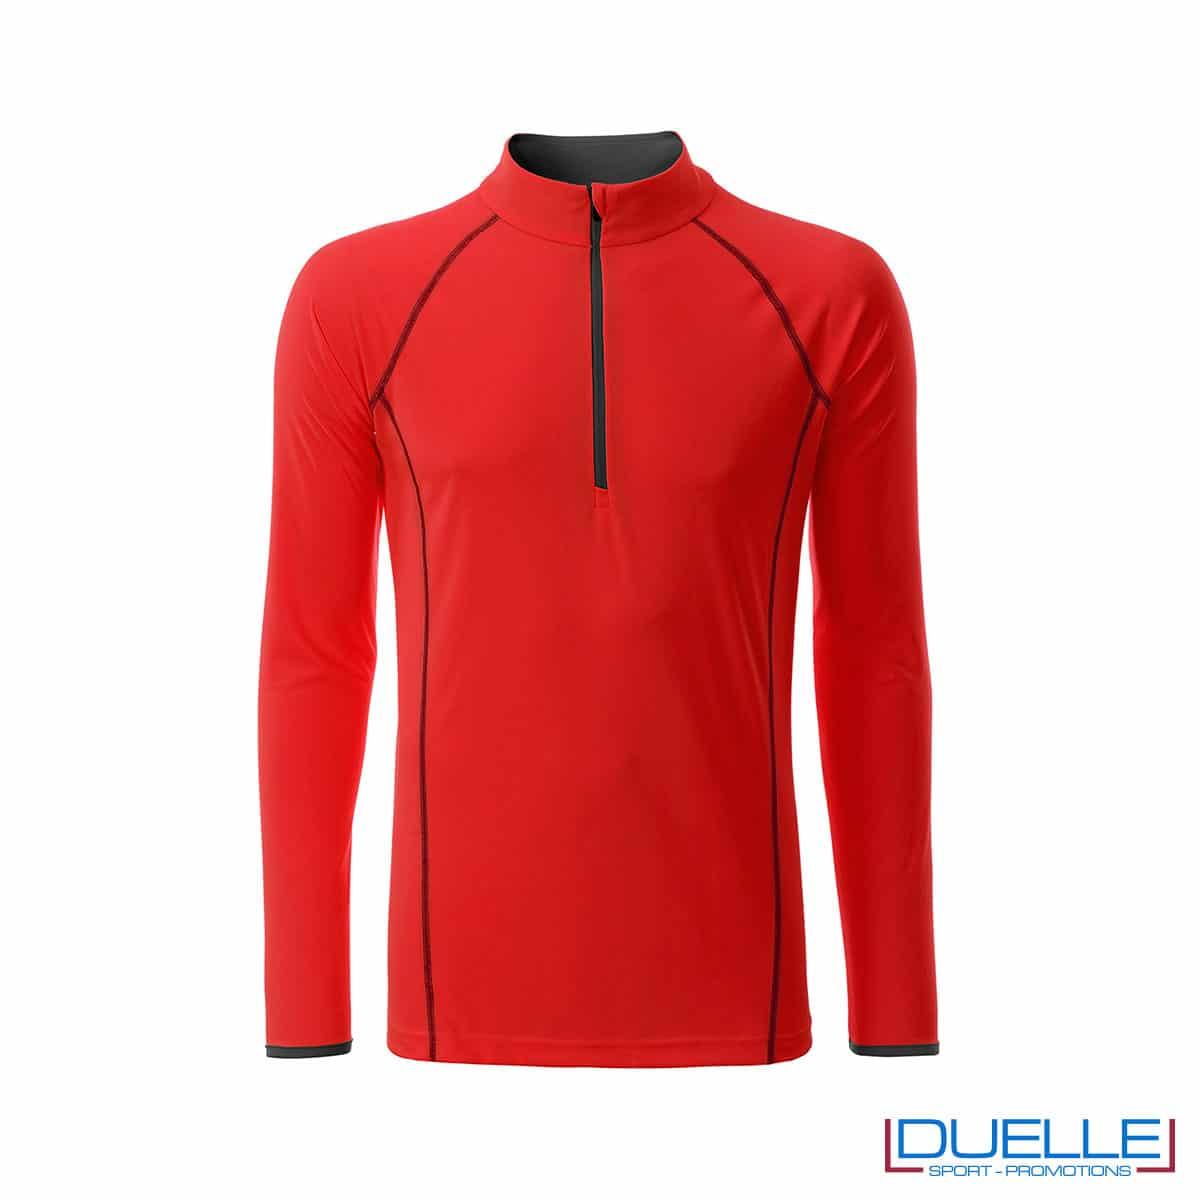 T-shirt manica lunga con zip colore rosso personalizzata